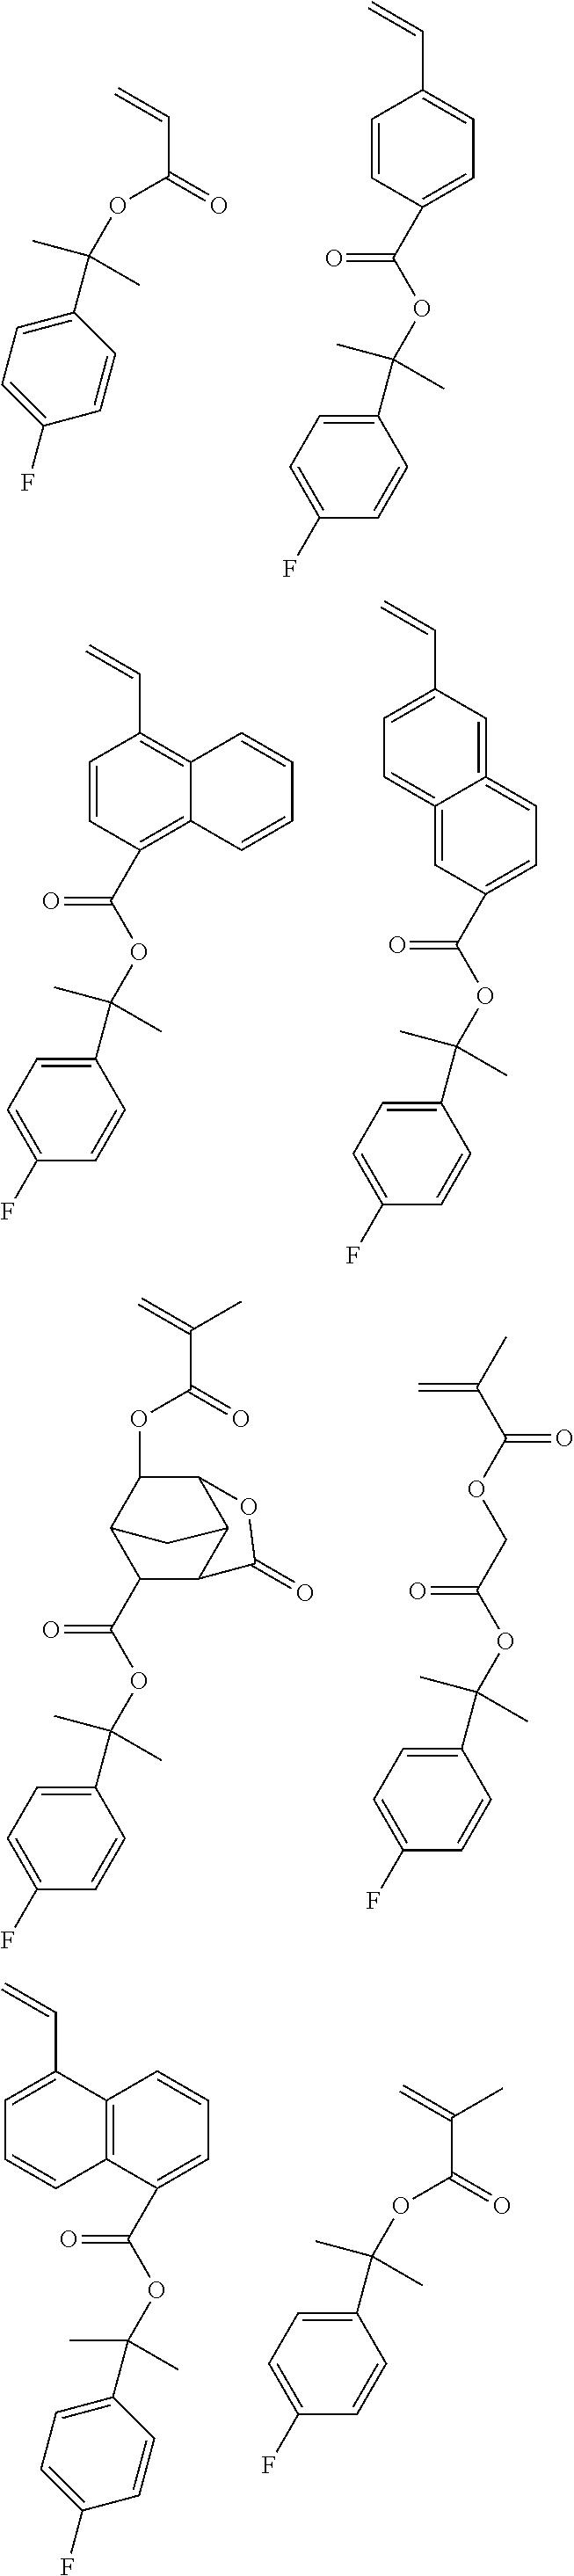 Figure US09040223-20150526-C00135